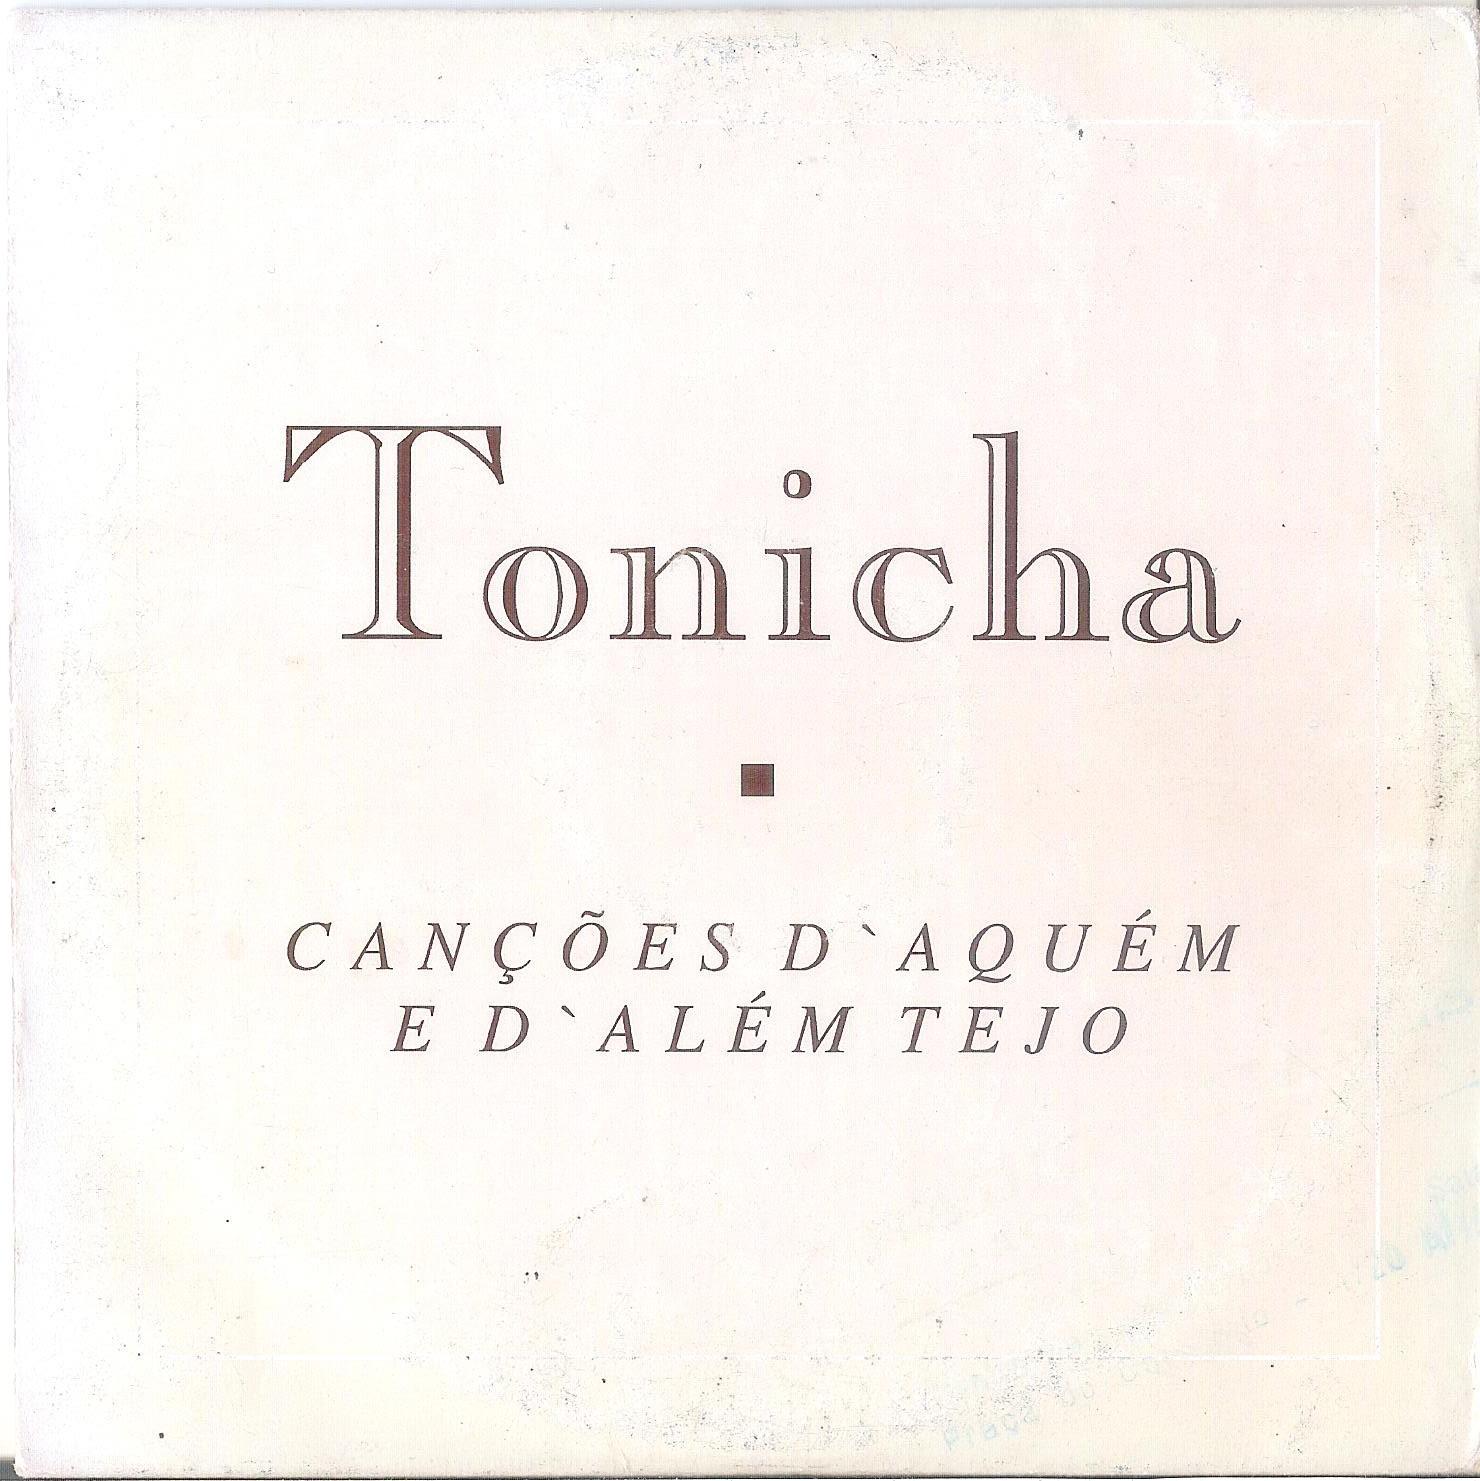 Canções d'aquém e d'além Tejo, 1995